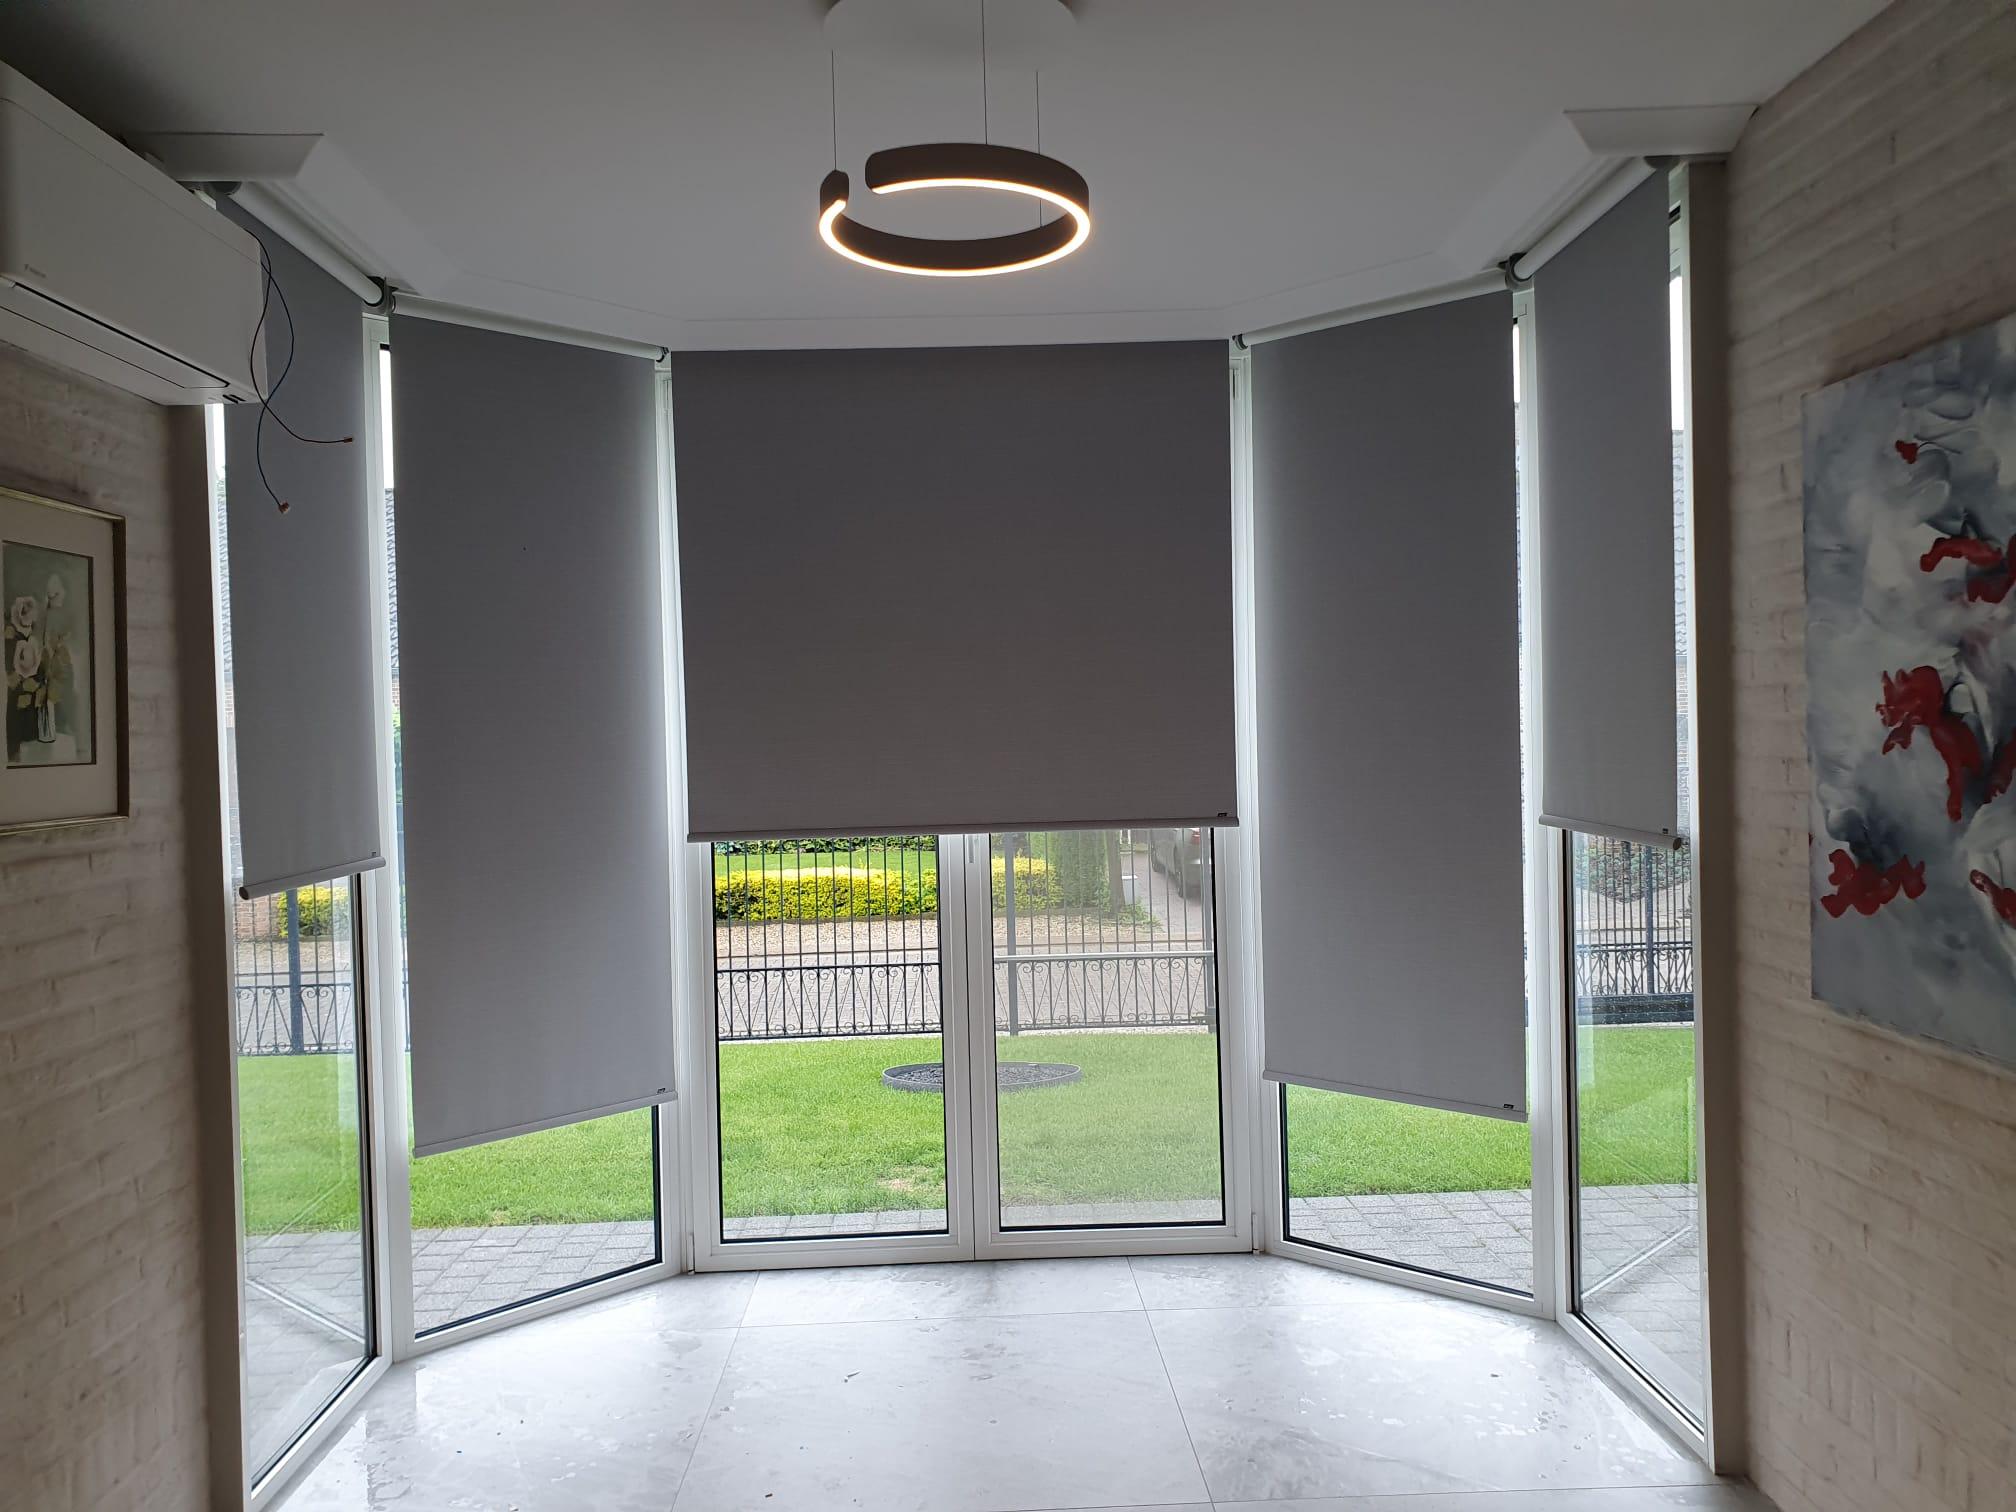 luxaflex | jalozie | zonnewering | raamdecoratie | badkamer | venster |